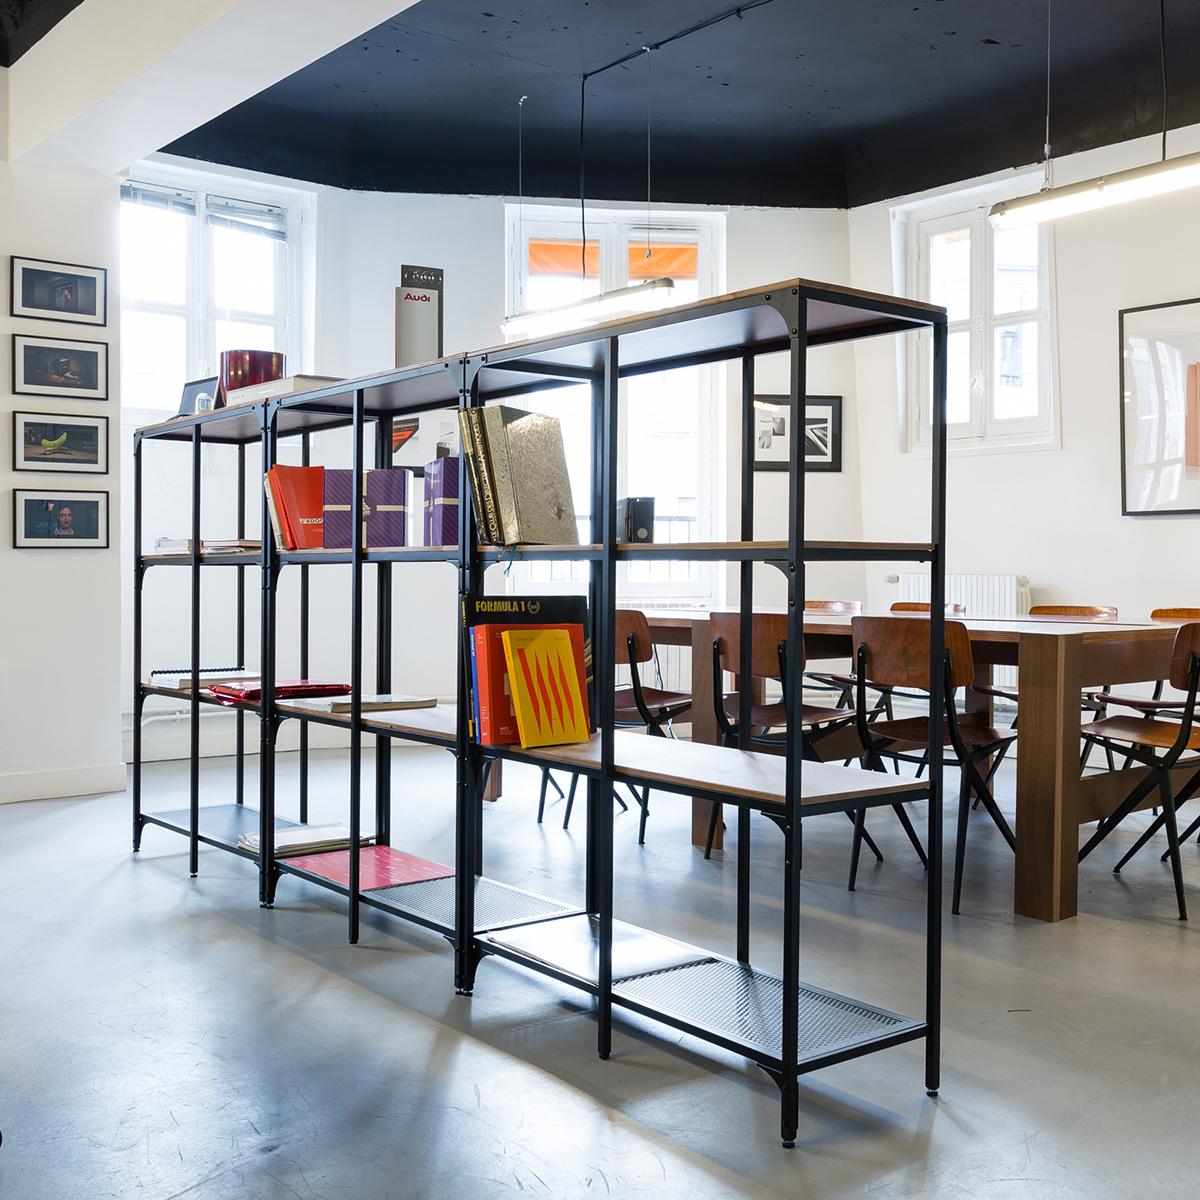 romance-agence-publicite-paris-ddb-omnicom-architecture-decoration-vintage-retro-9